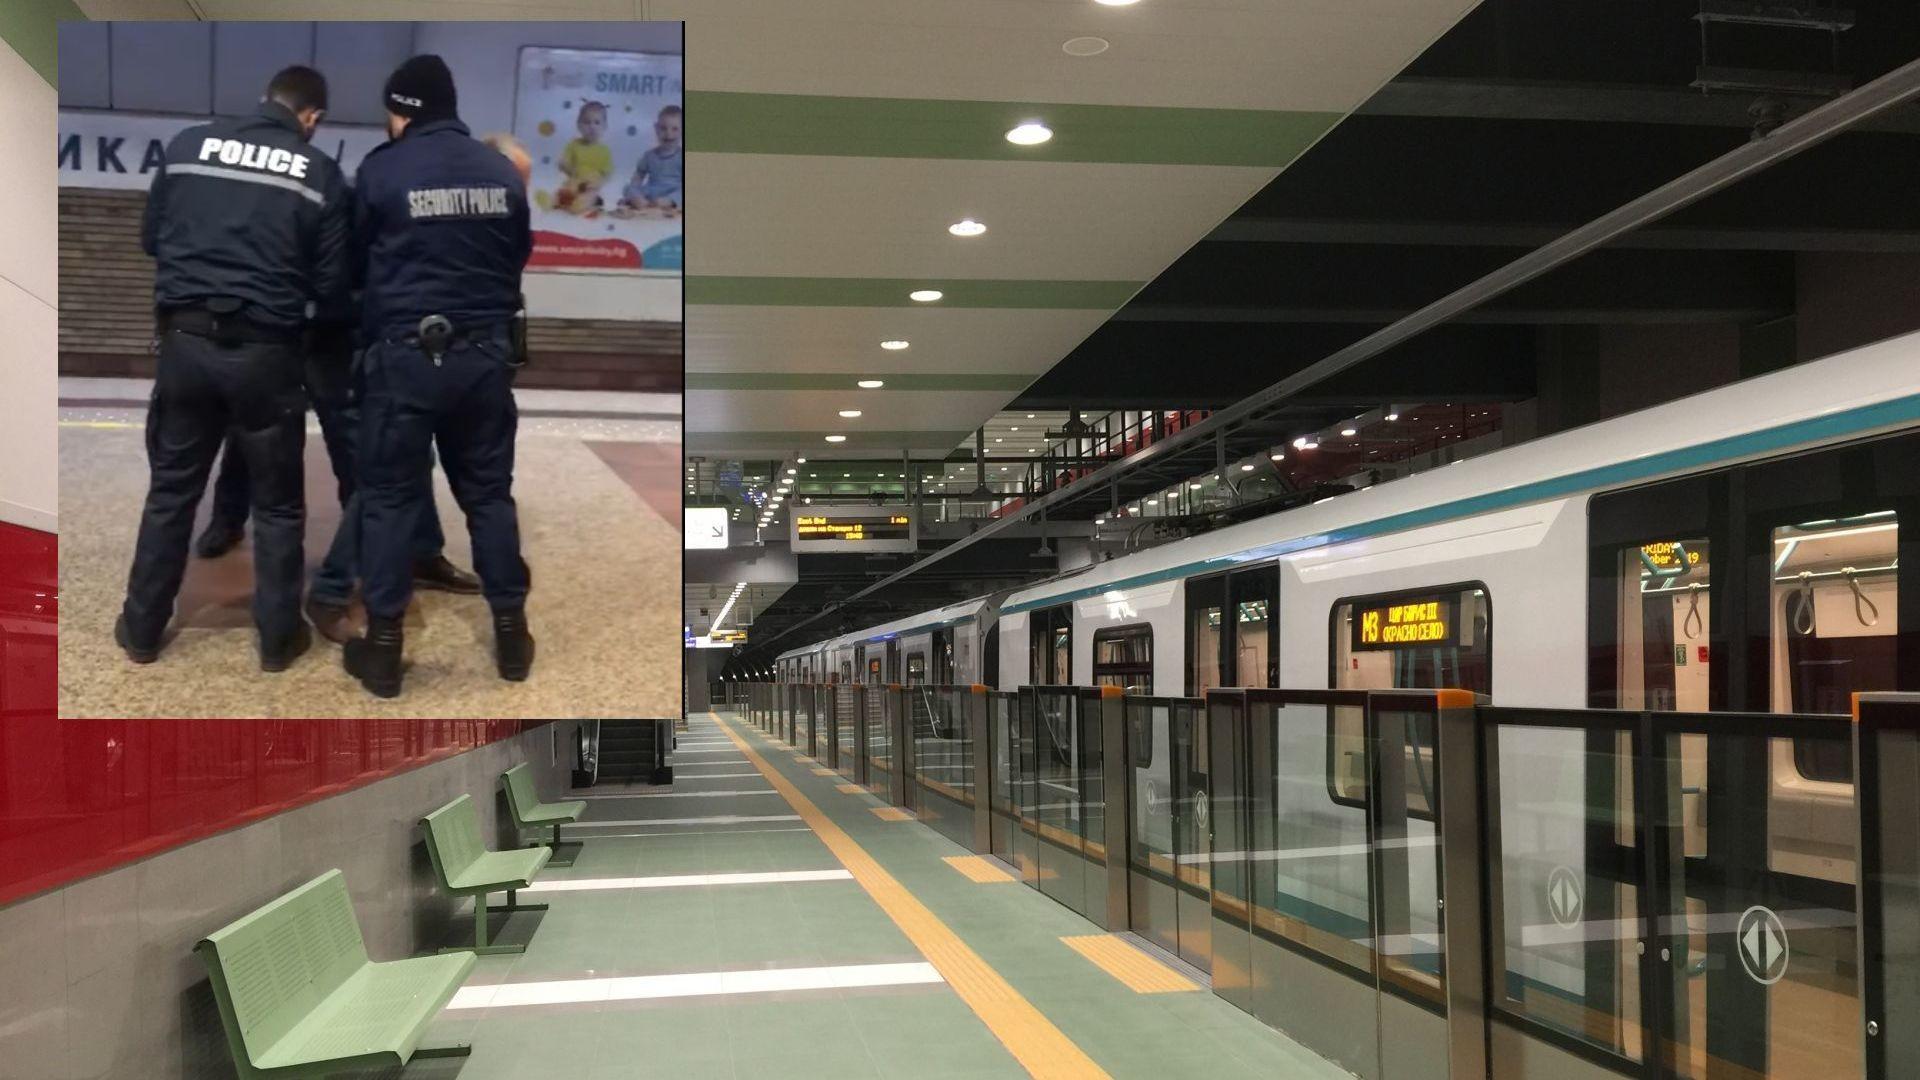 Двама задържани в метрото заради неспазване на мерките (видео)